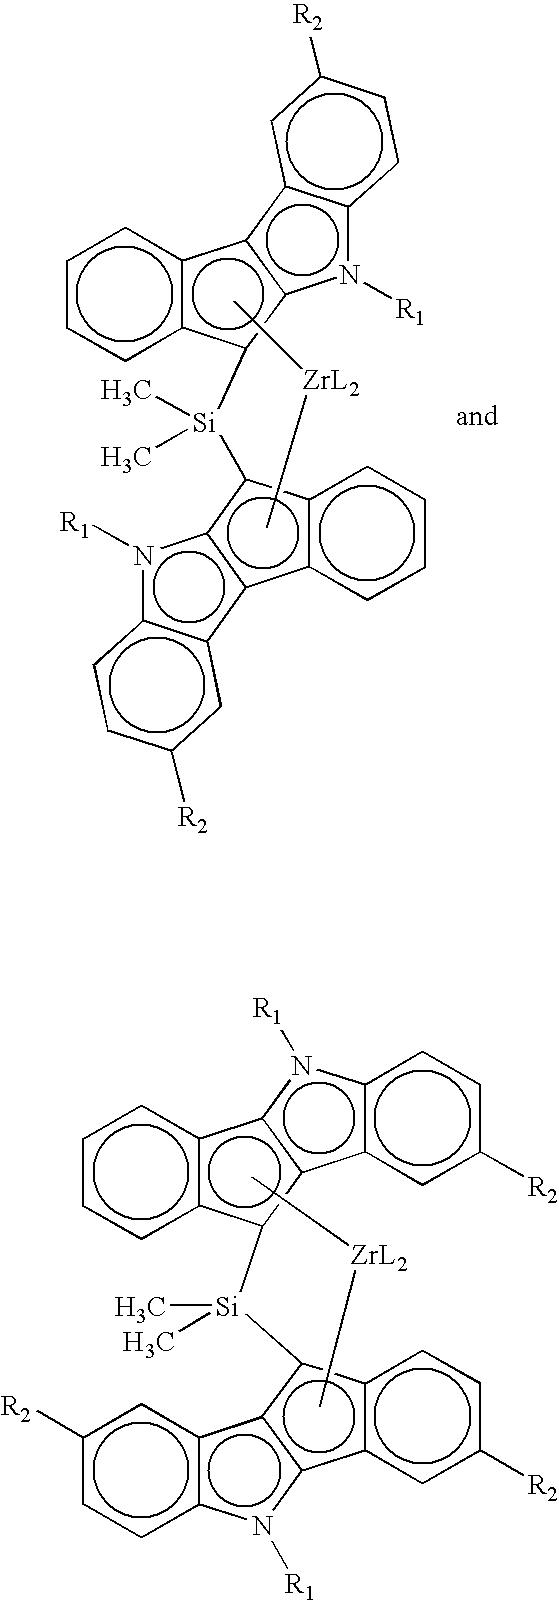 Figure US07723451-20100525-C00002